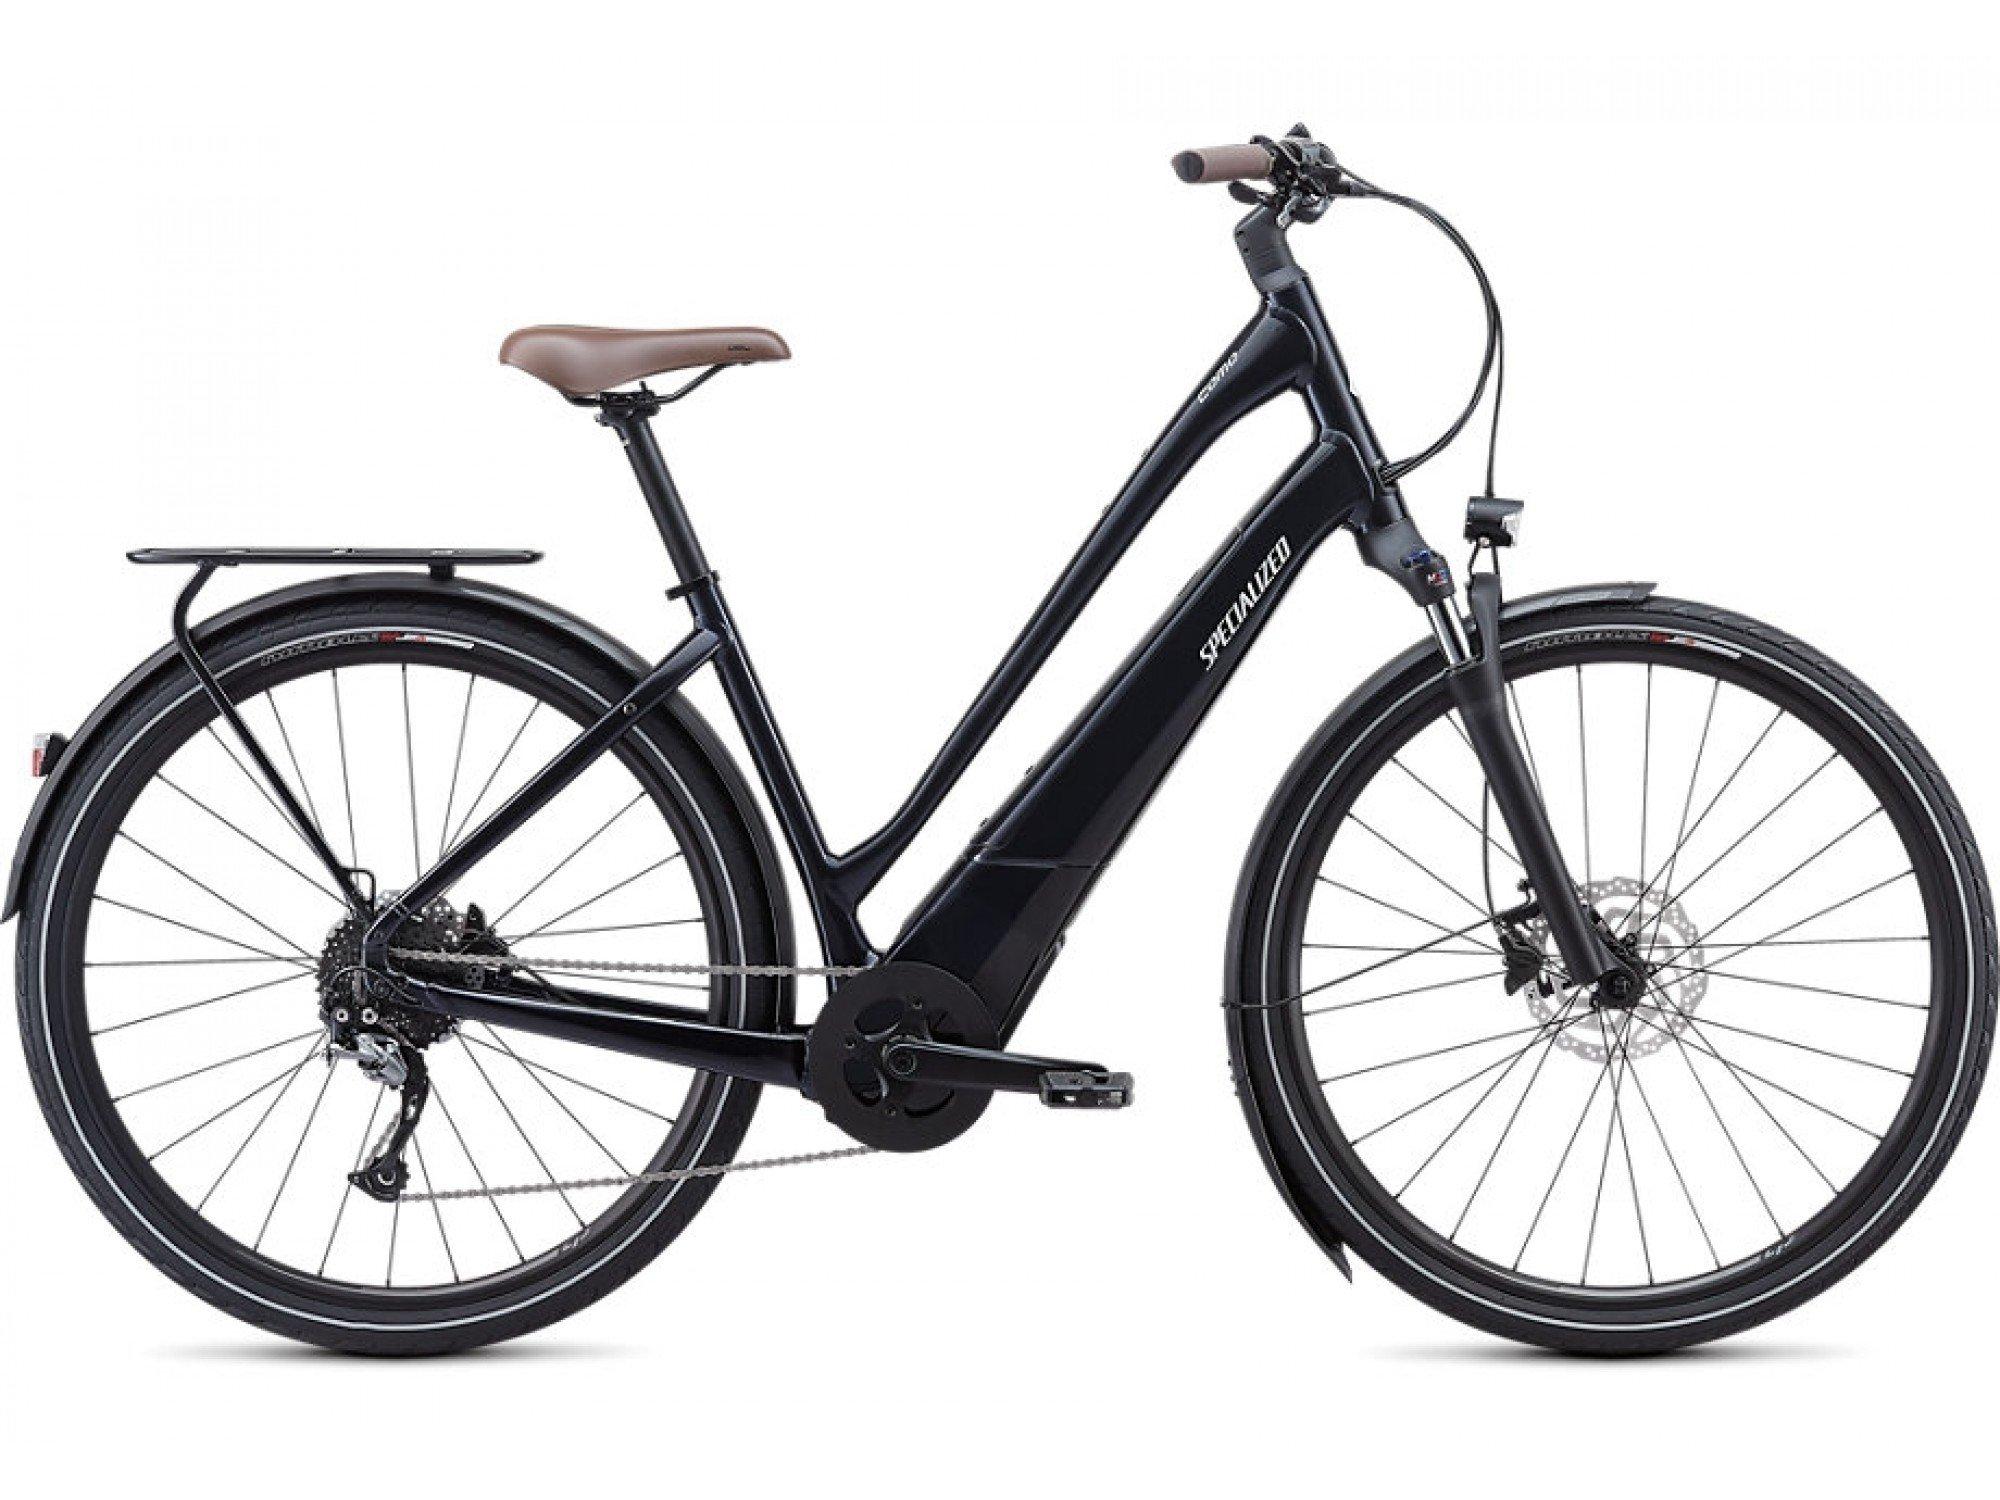 Specialized Turbo Como 3.0 2020 Electric Bike